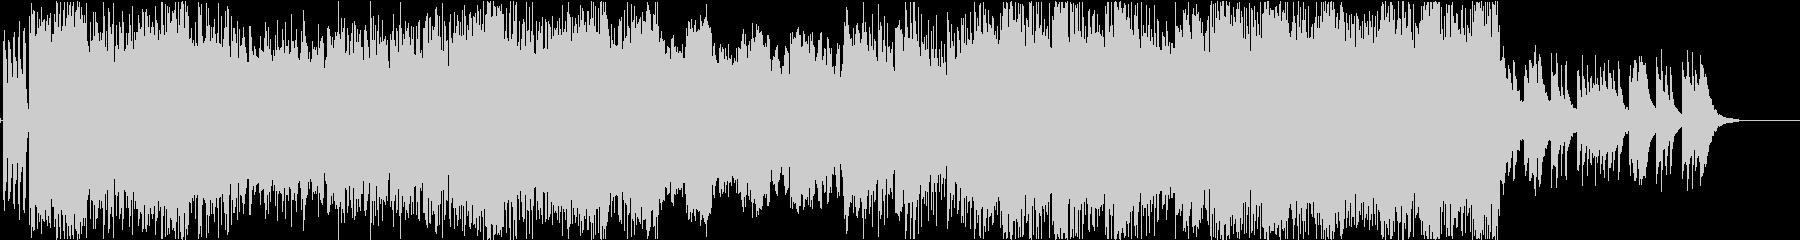 激しめのギターリフ、ピアノで終わるの未再生の波形